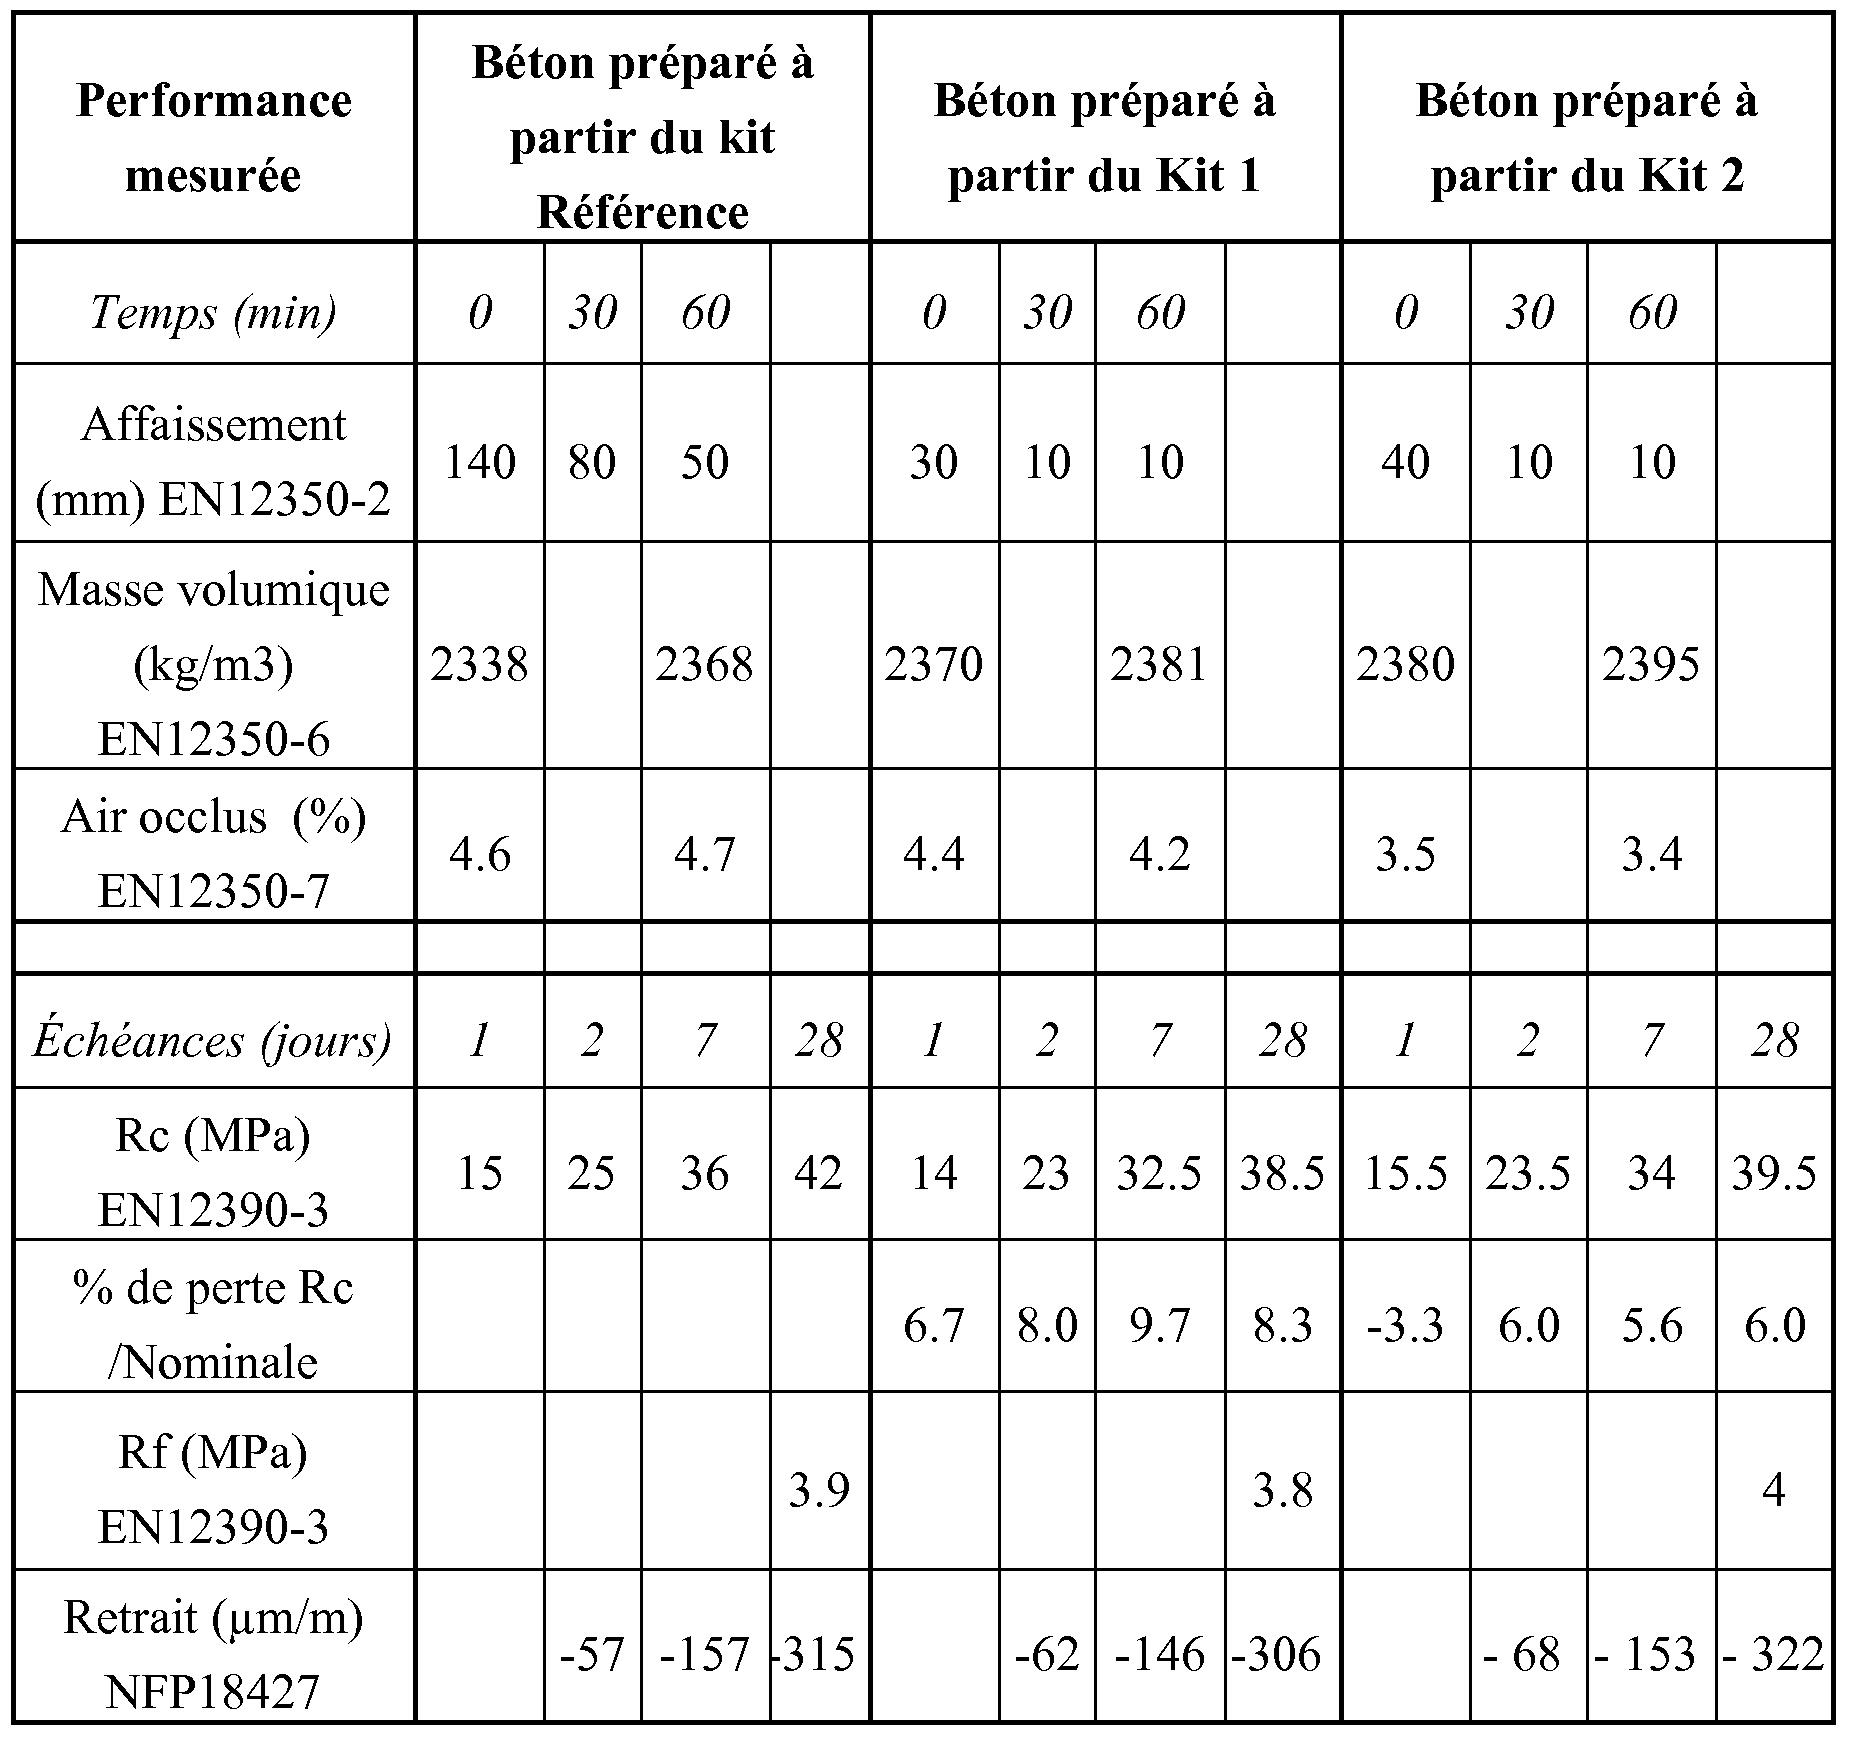 wo2010097543a1 composition utile pour la preparation d 39 un beton sans ajout d 39 eau google patents. Black Bedroom Furniture Sets. Home Design Ideas